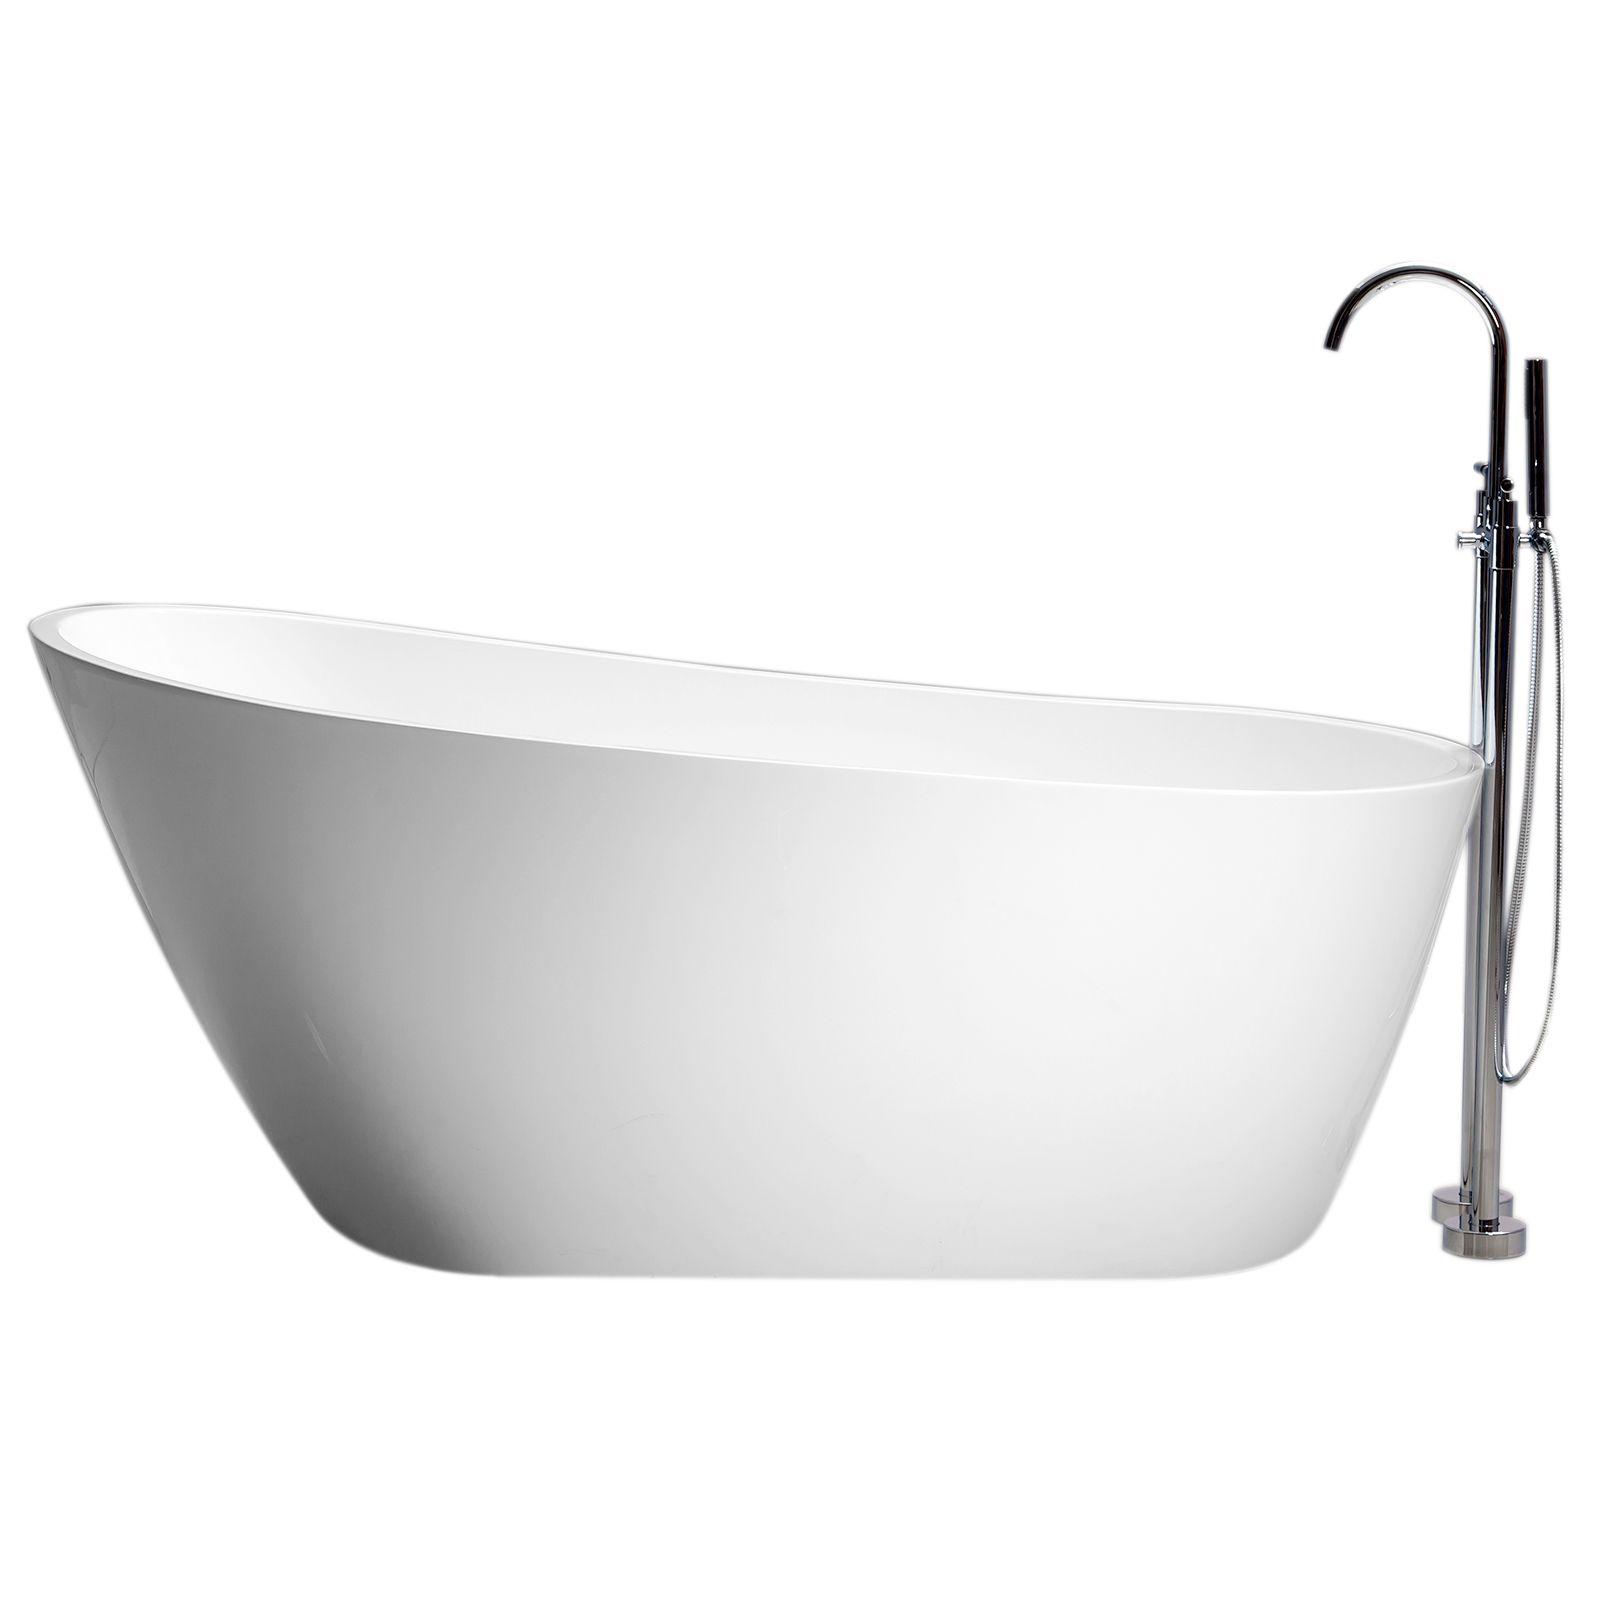 Vasca da bagno freestanding in acrilico 170x80x72 ovale irregolare ...